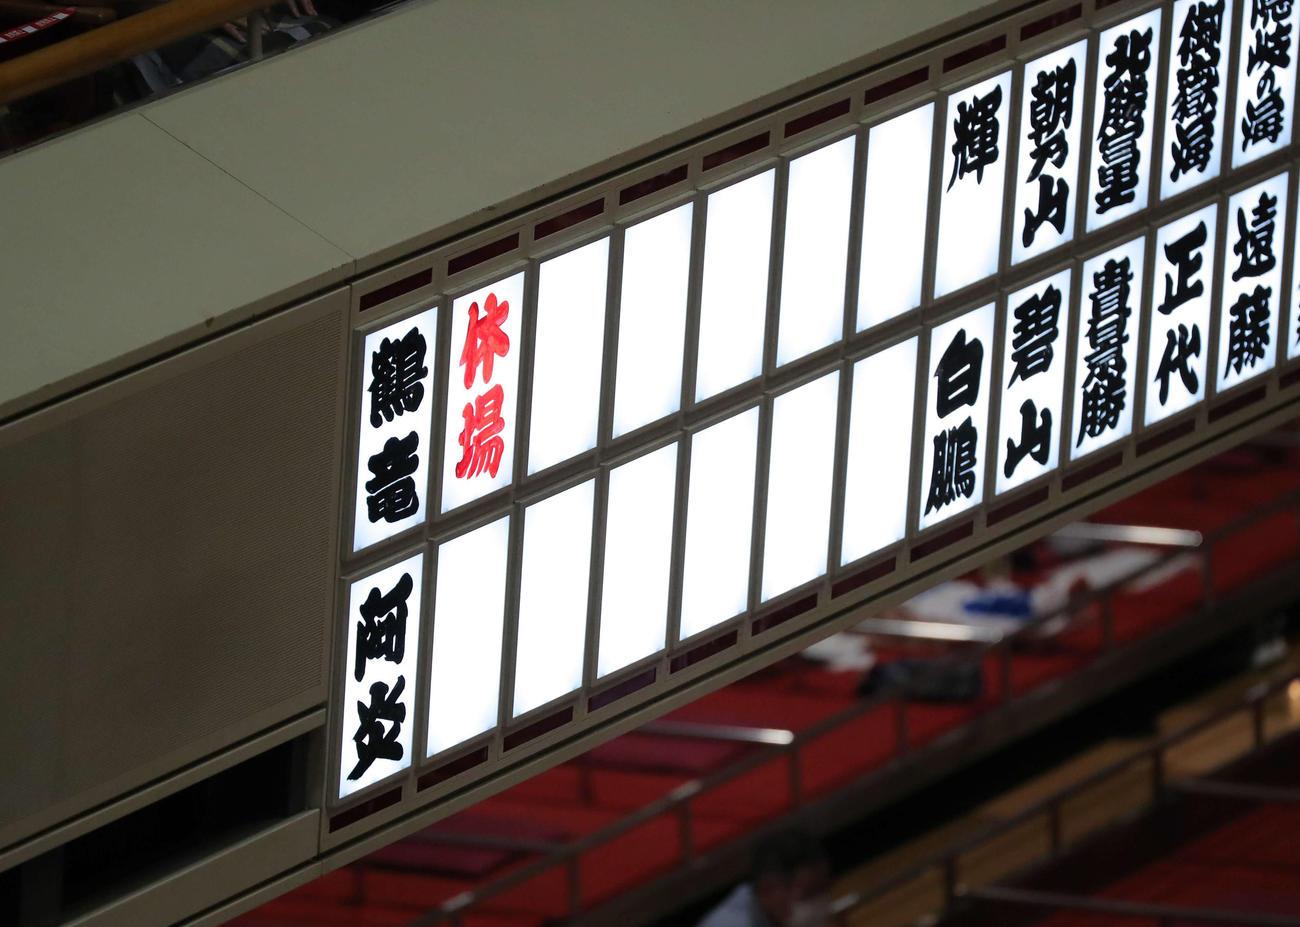 大相撲7月場所8日目 阿炎の休場を知らせる電光板(2020年7月26日)